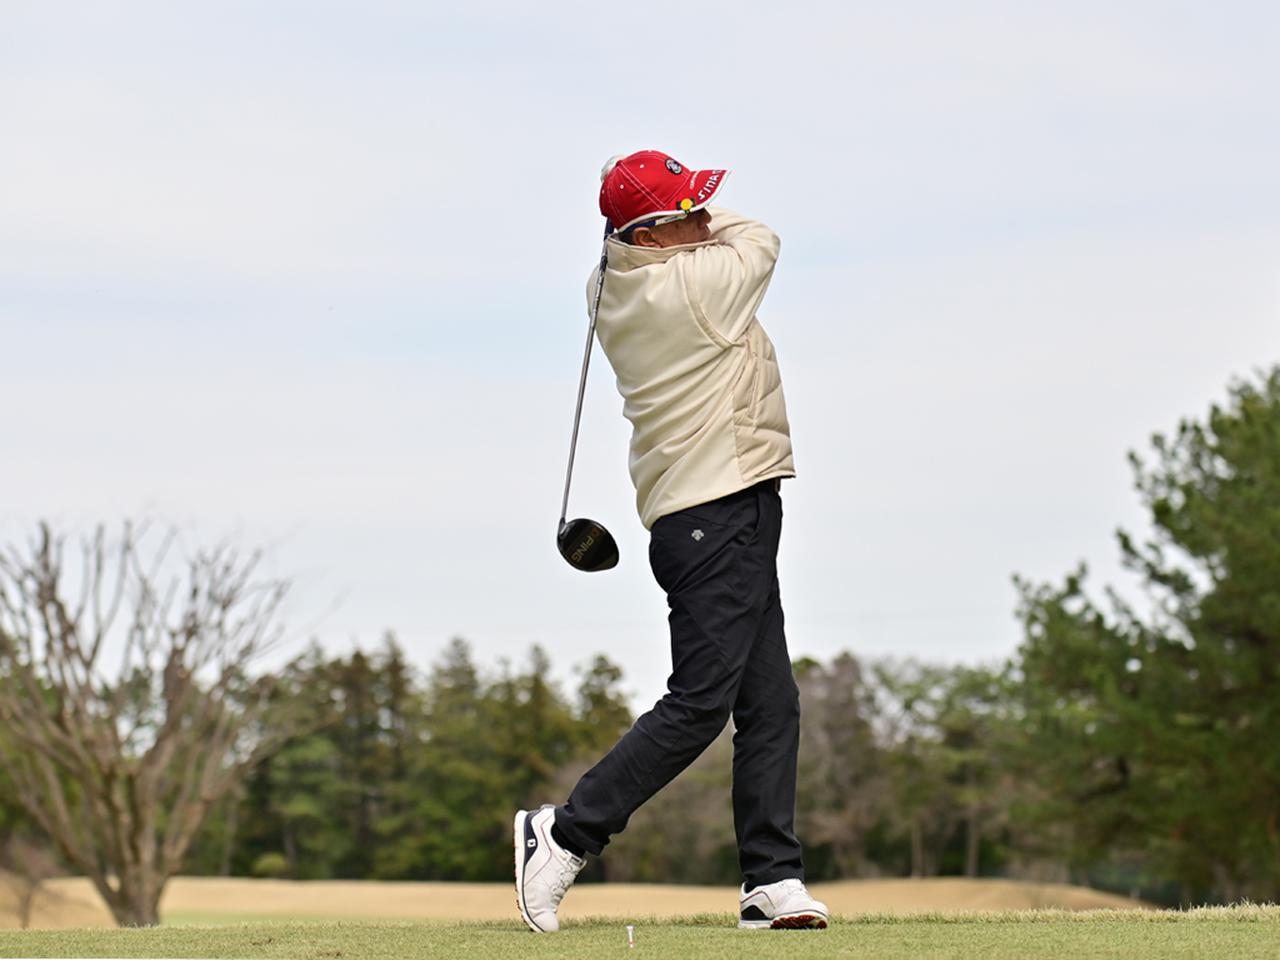 画像9: 【ティショット】真っすぐ打とうとするからミスがなくならない! ゴルフは曲げるが勝ち!